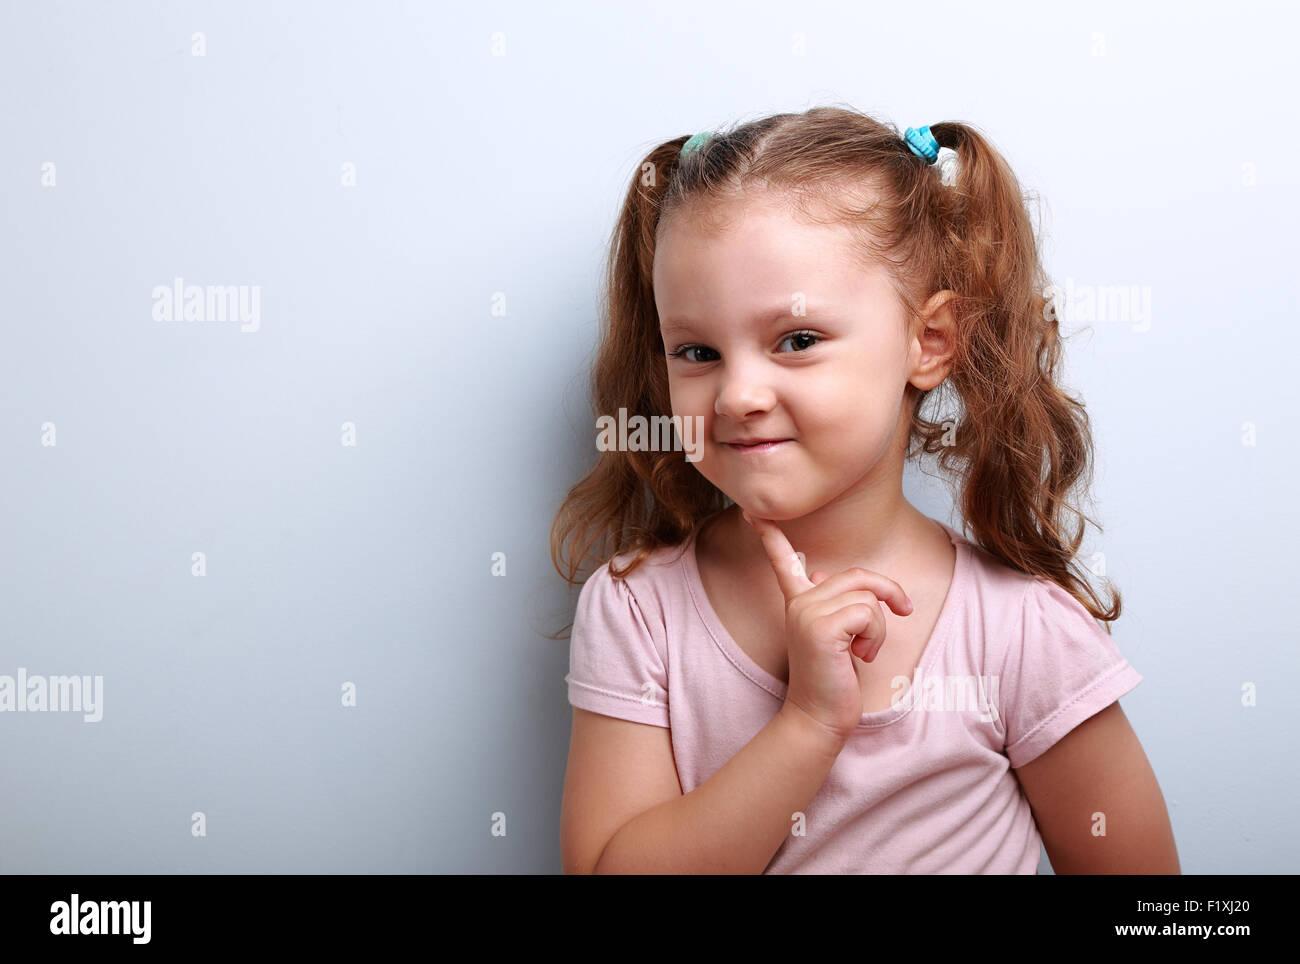 Pensée rusé petit enfant fille avec doigt près de visage sur fond bleu avec copie espace vide Photo Stock